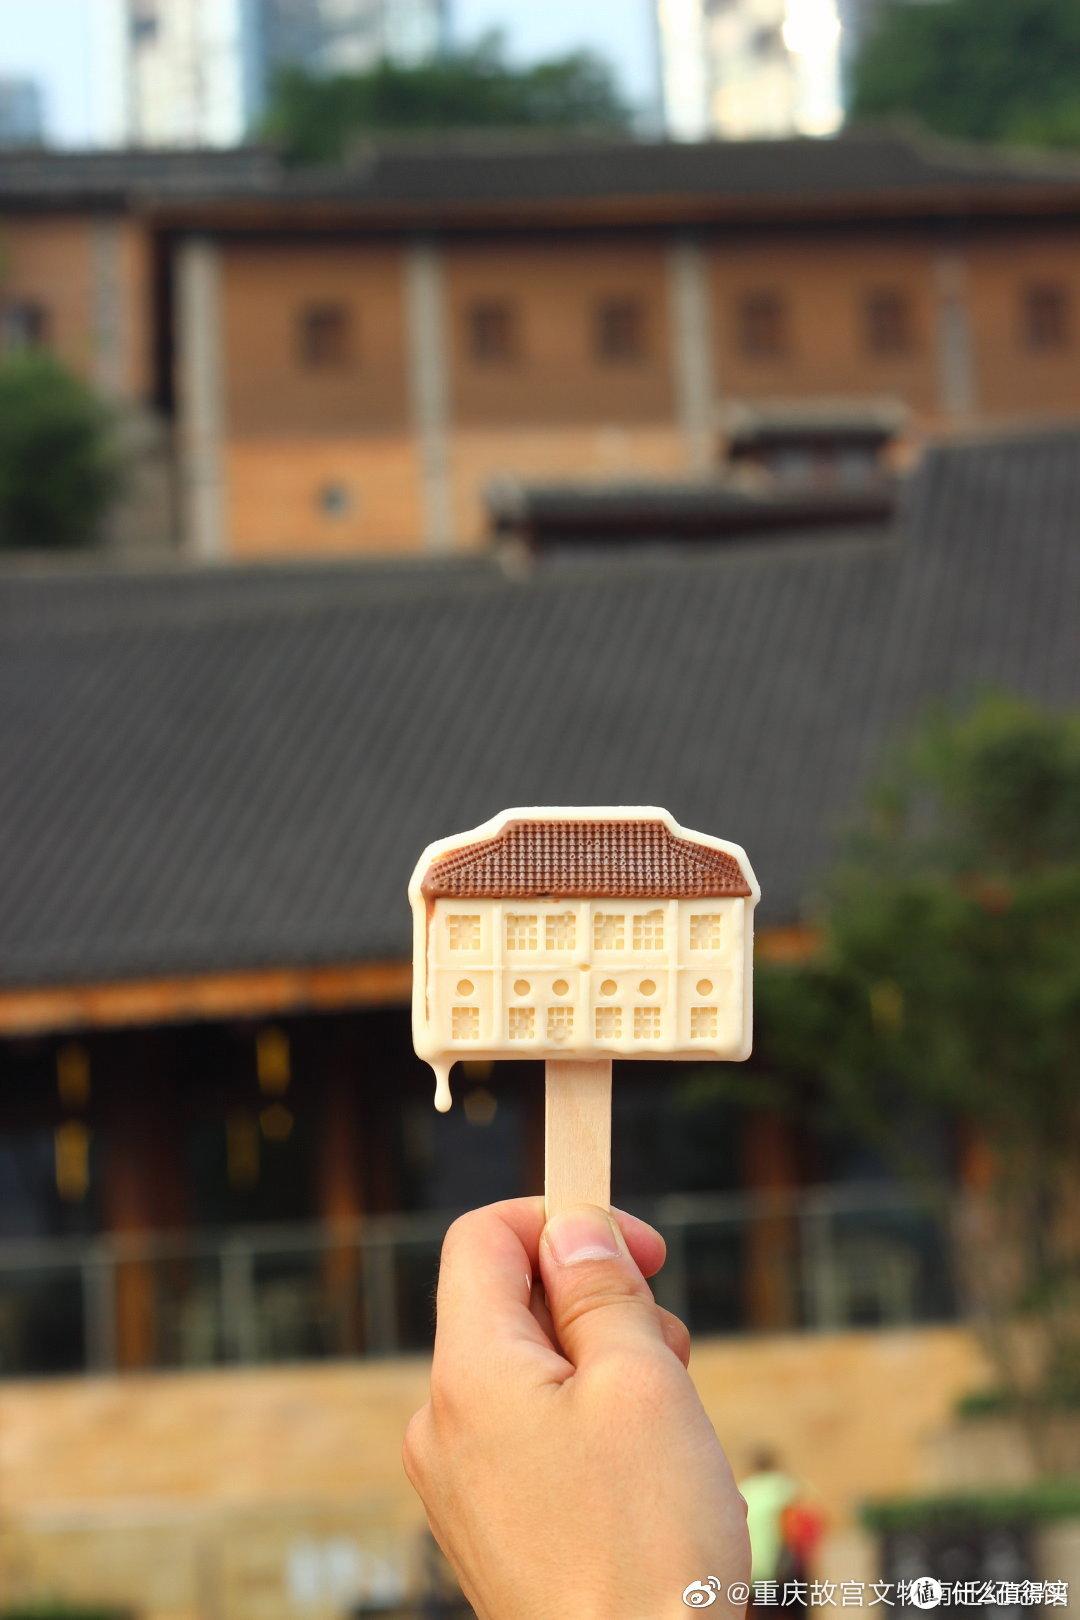 文创雪糕成新宠:重庆各大景区纷纷出品,跟风还是真的有文化?